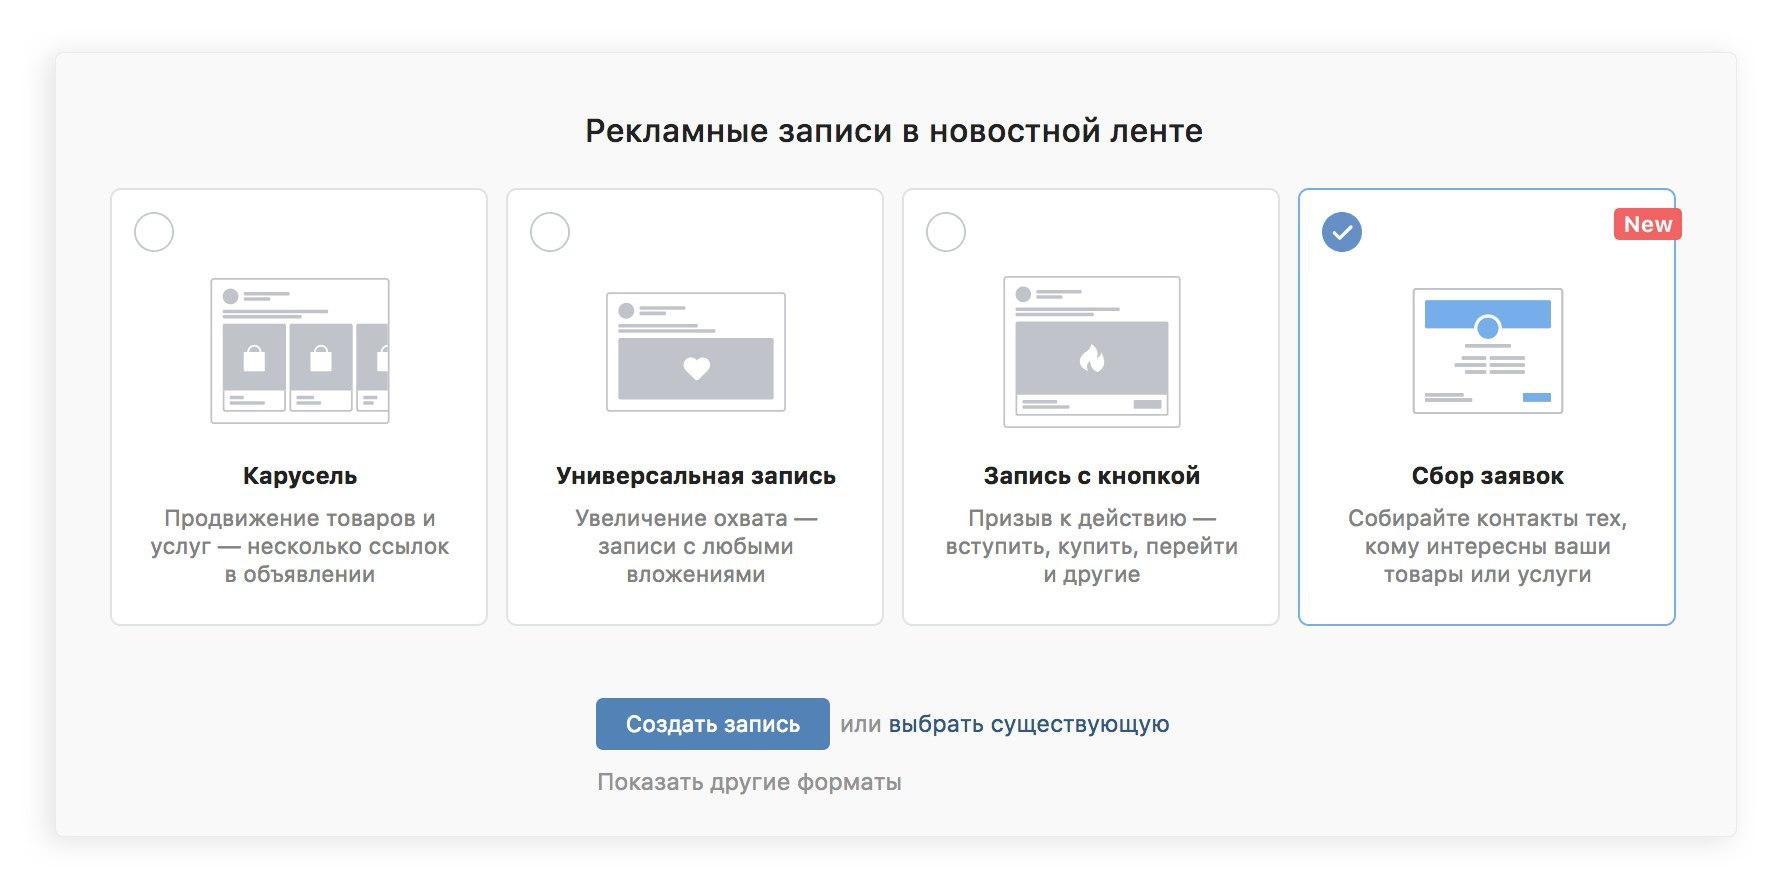 ВКонтаткте (ВК, VK) – популярная социальная сеть